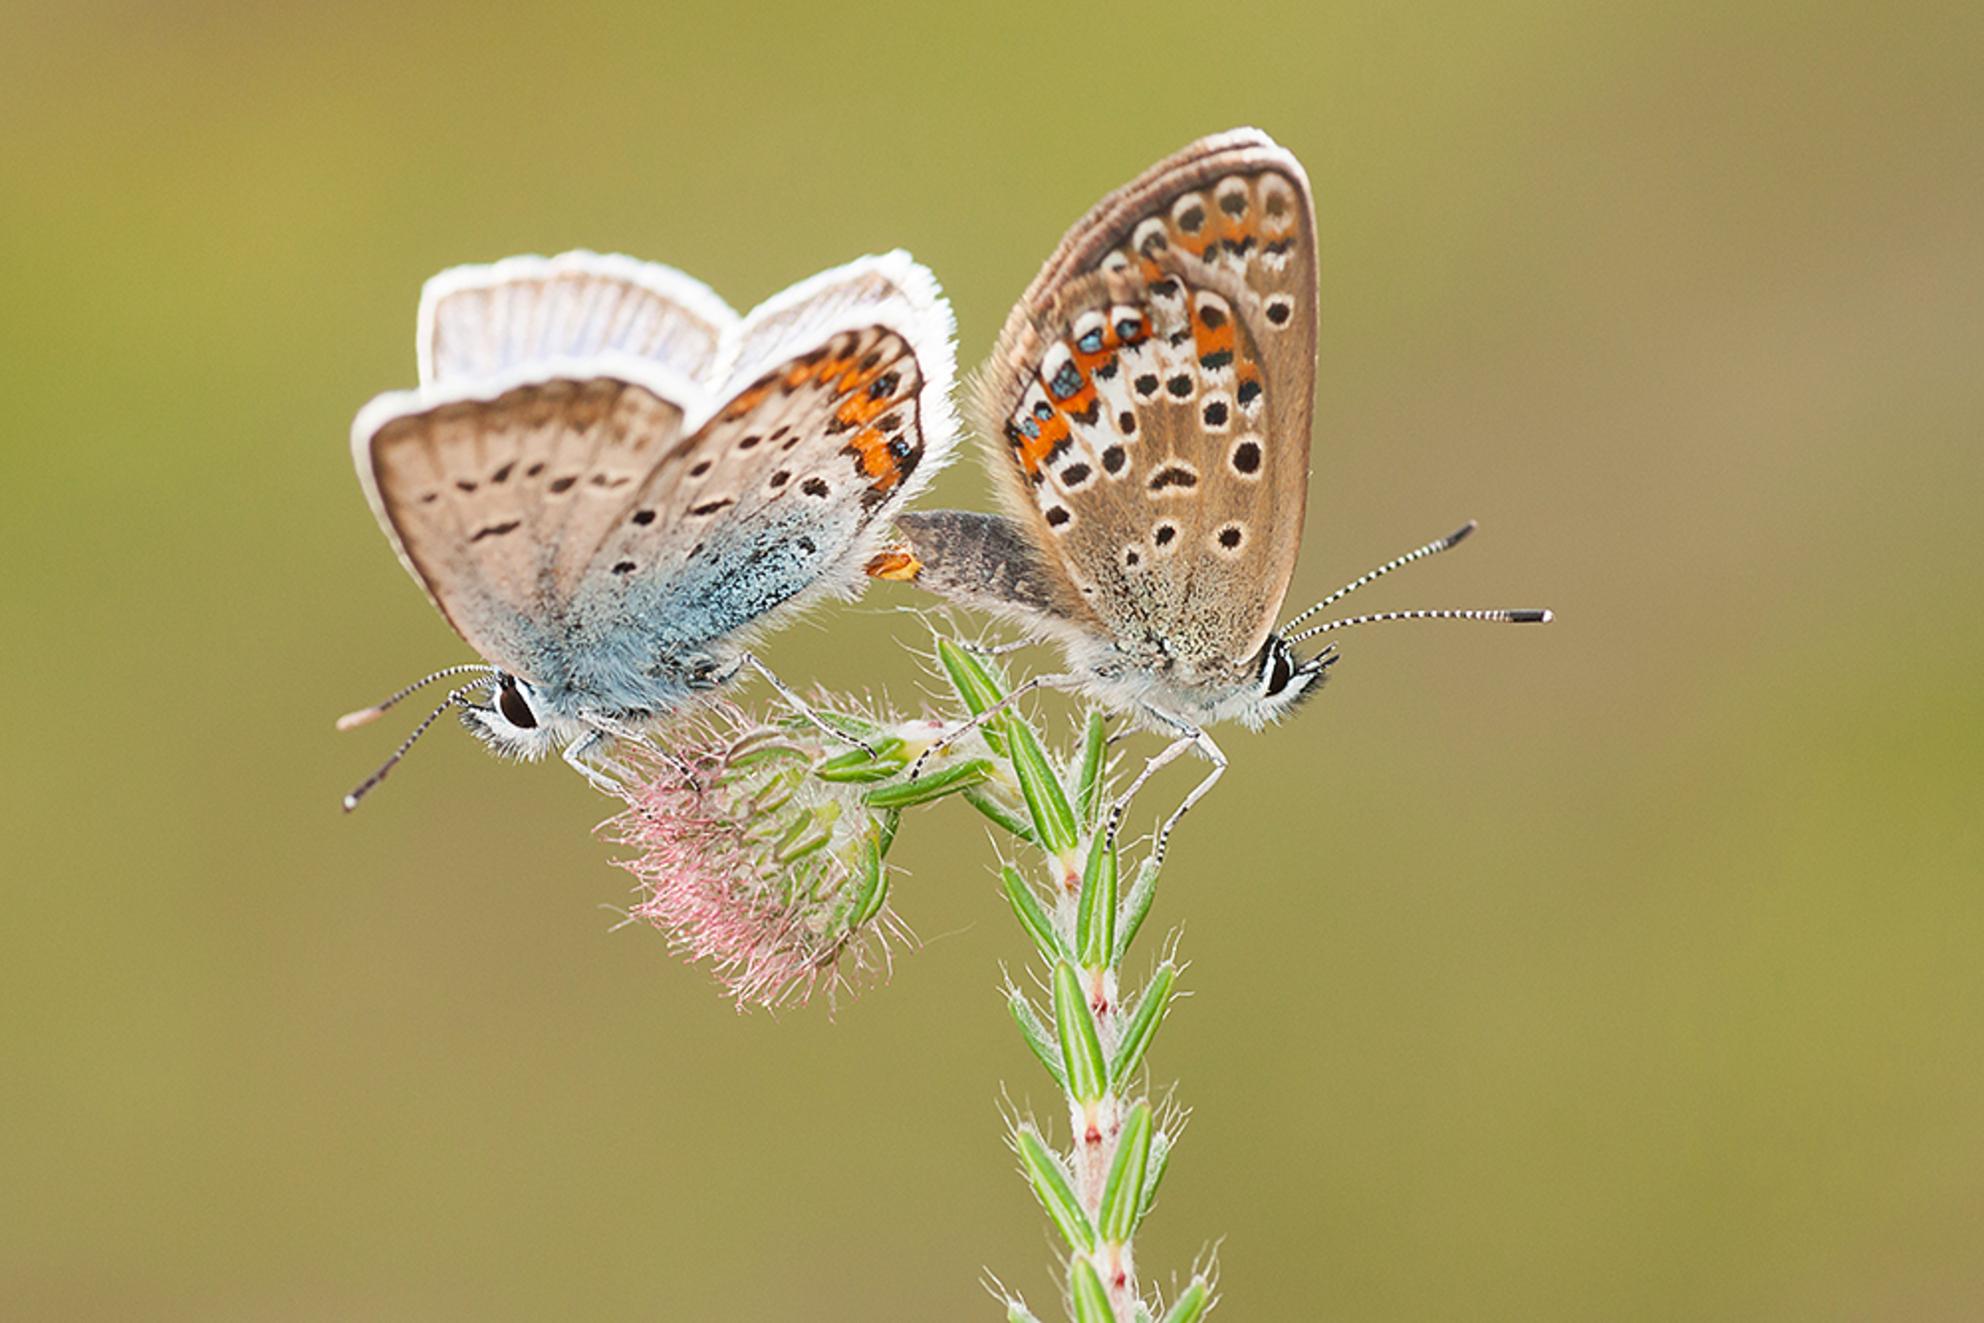 Love on Top! - Gisteren op pad geweest om deze mooie kleine vlindertjes op de gevoelige plaat te leggen. Deze parende Heideblauwtjes waren zo druk met elkaar, dat i - foto door tom kruissink op 16-06-2018 - deze foto bevat: macro, natuur, vlinder, blauwtje, heide, dopheide, zomer, insect, sex, intiem, paren, dagvlinder, heideblauwtje - Deze foto mag gebruikt worden in een Zoom.nl publicatie